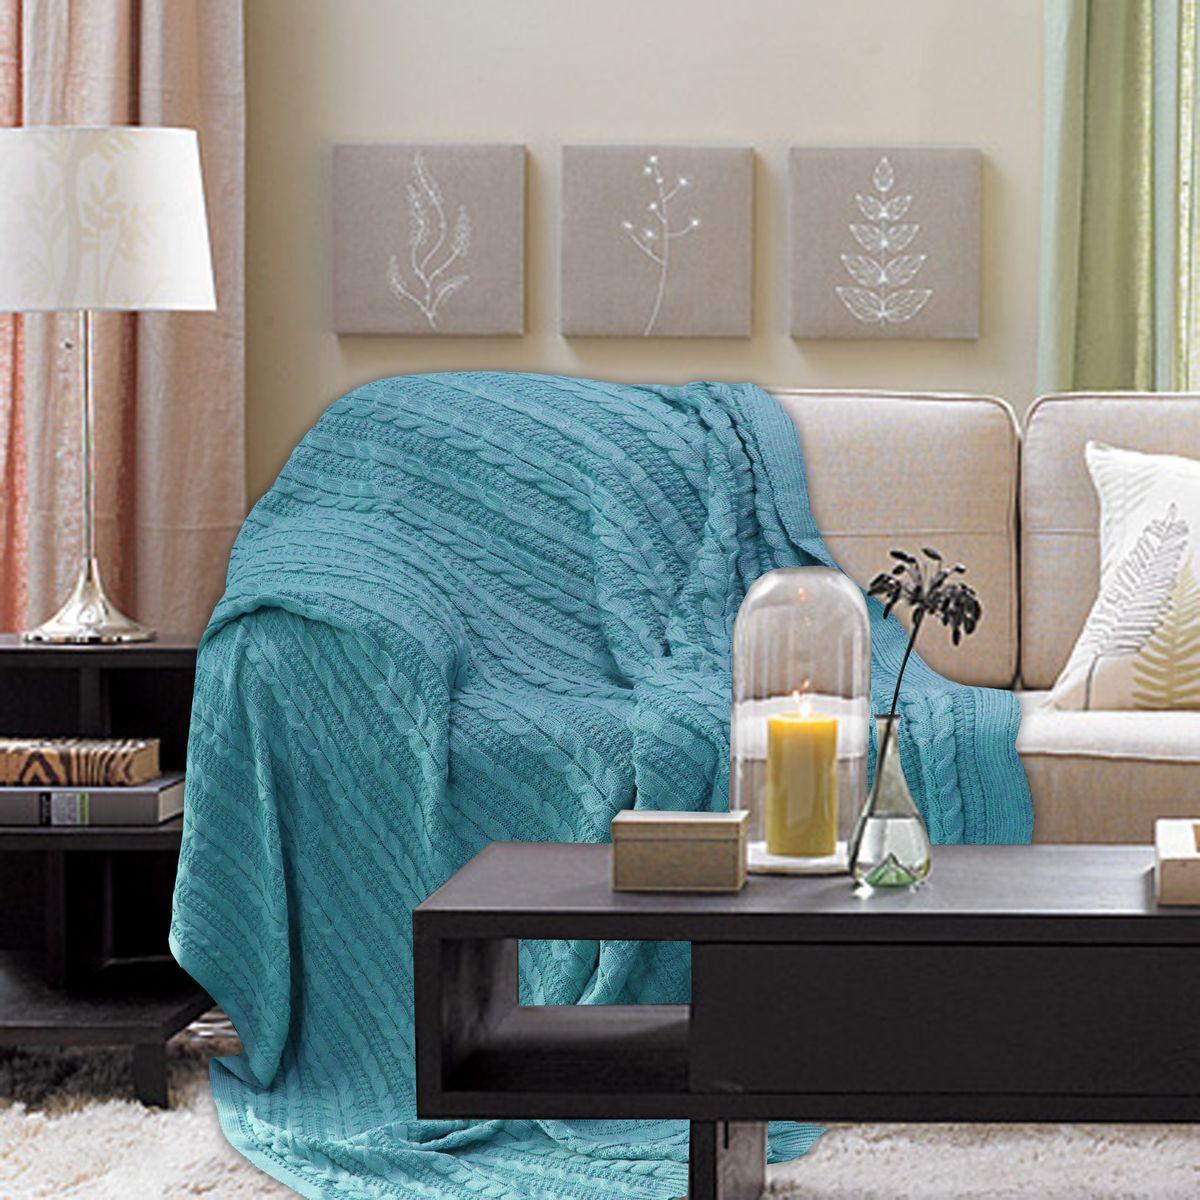 Плед Buenas Noches, цвет: бирюзовый, 180 х 210 см. 7888378883Хлопковые пледы Buenas Noches - мяккие, яркие, современные. Украсят практически любой дом. Могут послужить отличным подарком.